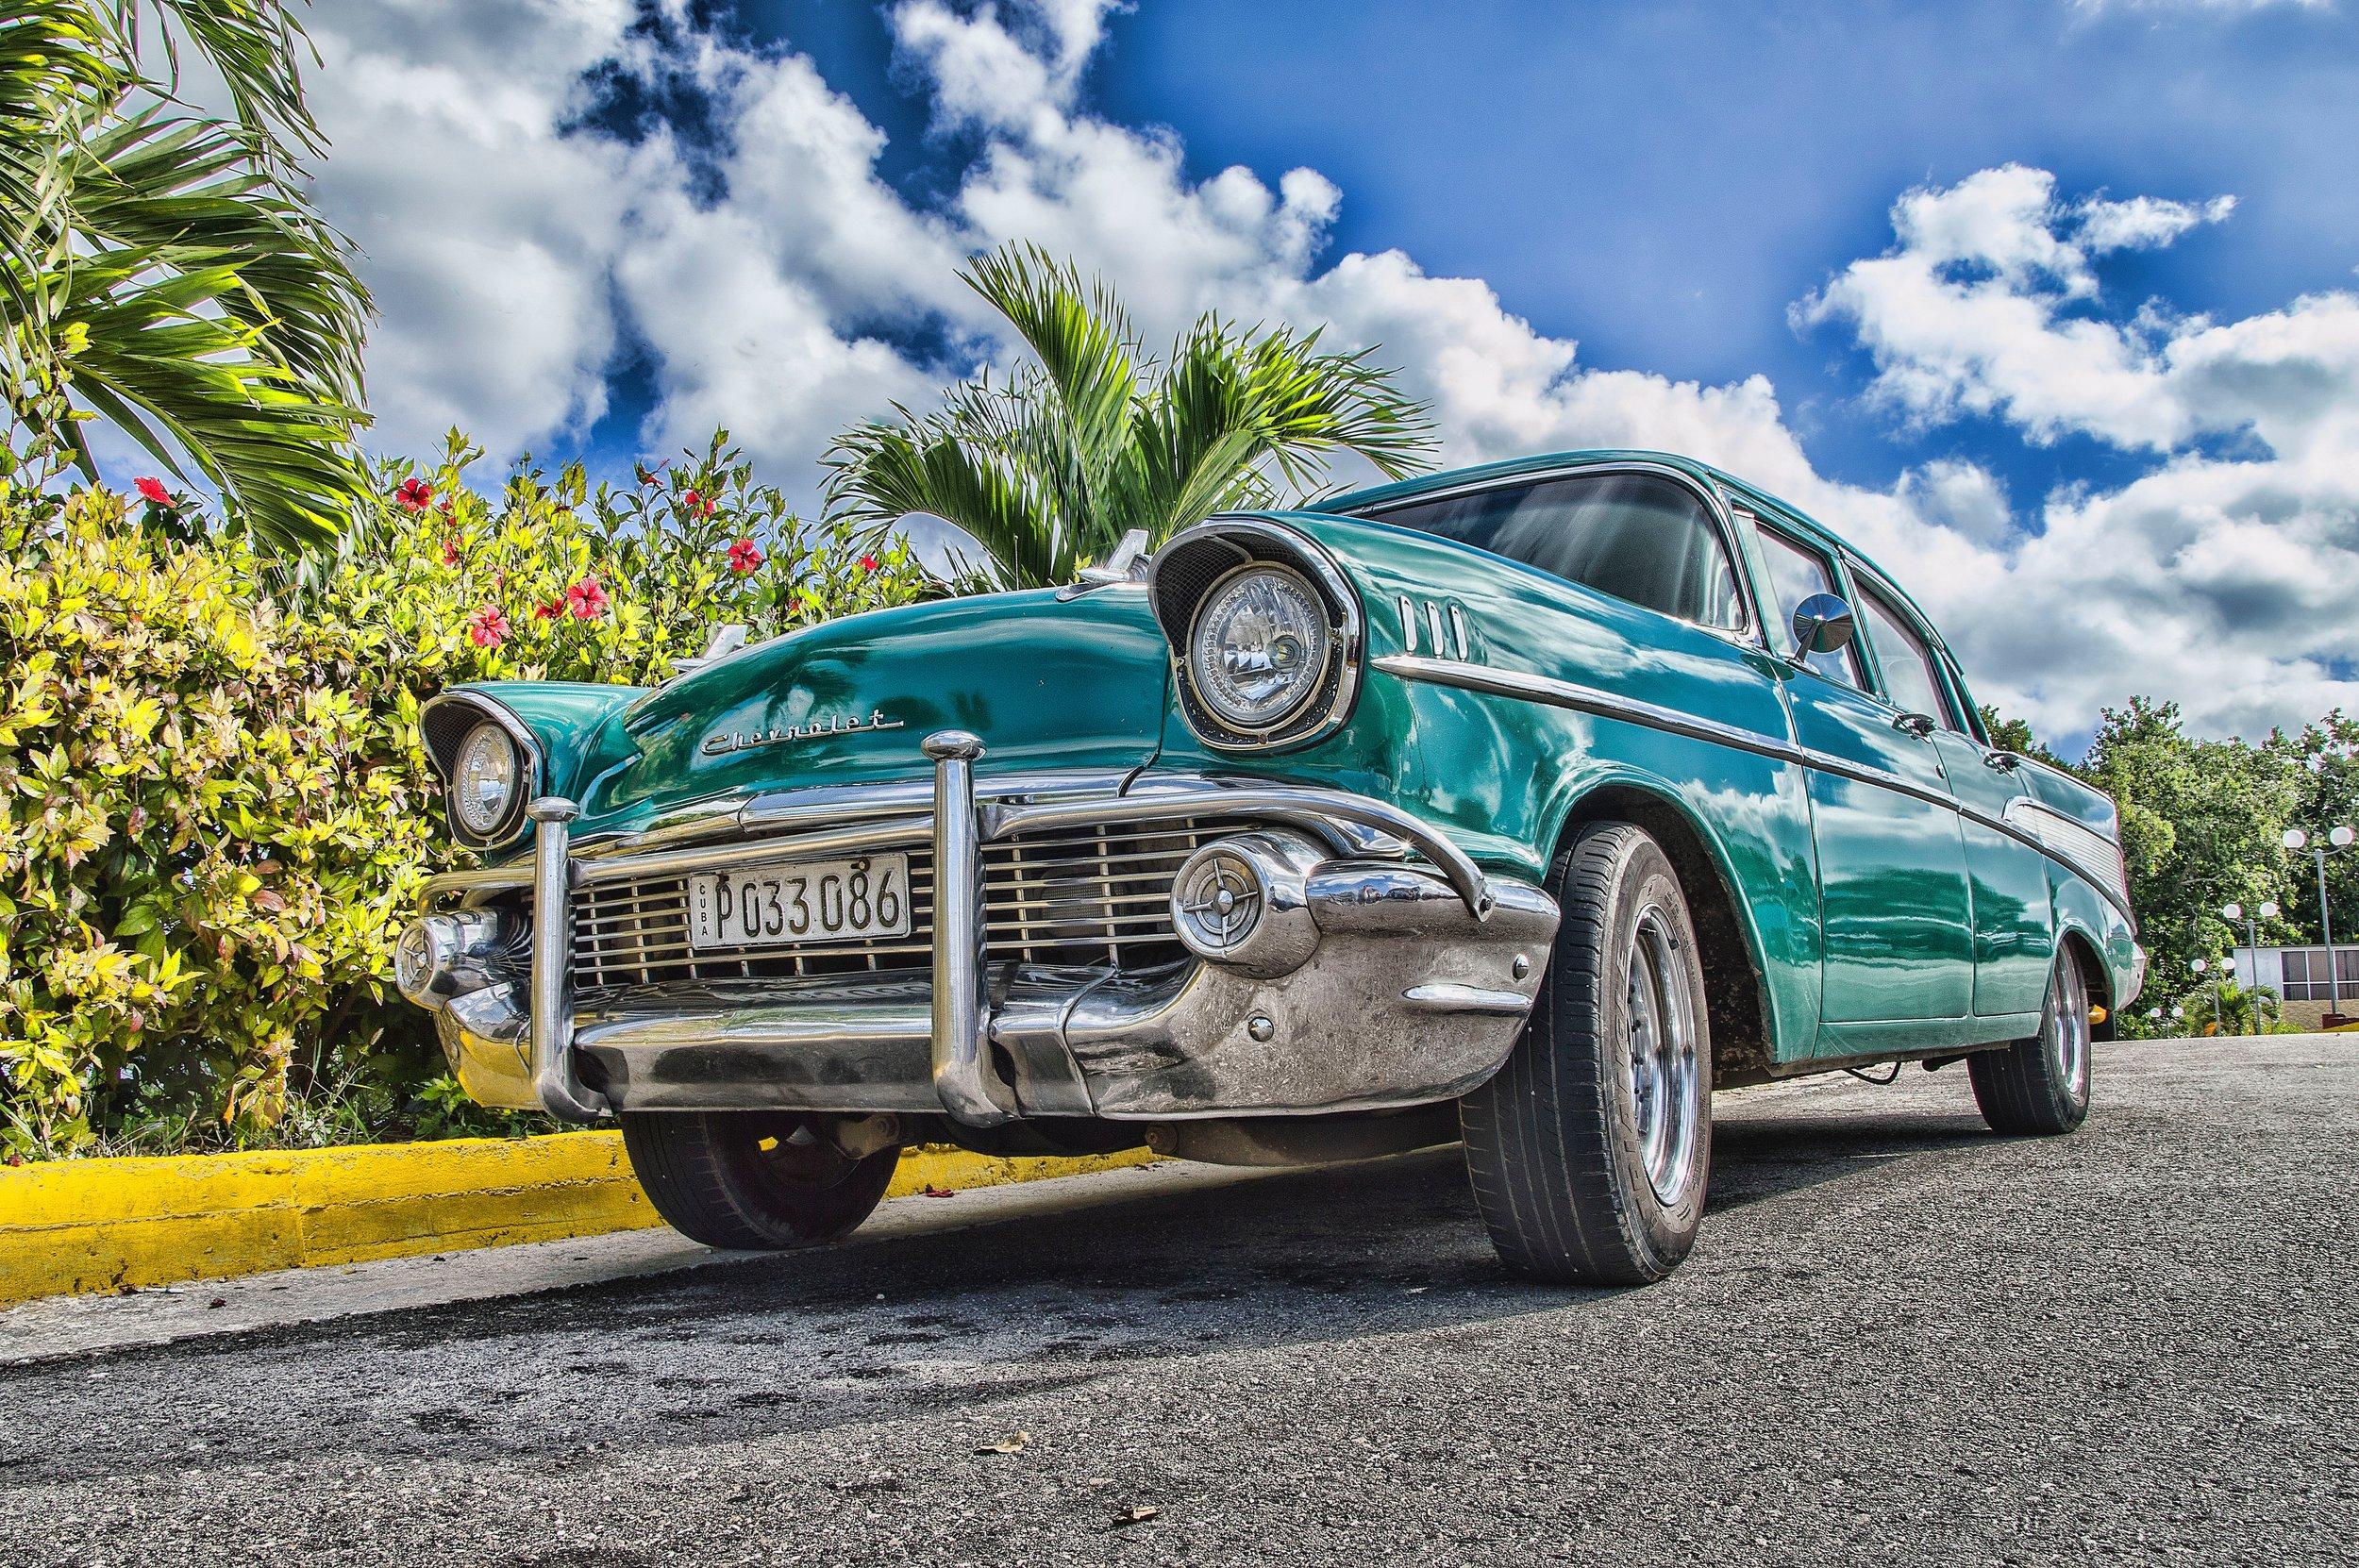 asphalt-auto-automobile-712618.jpg